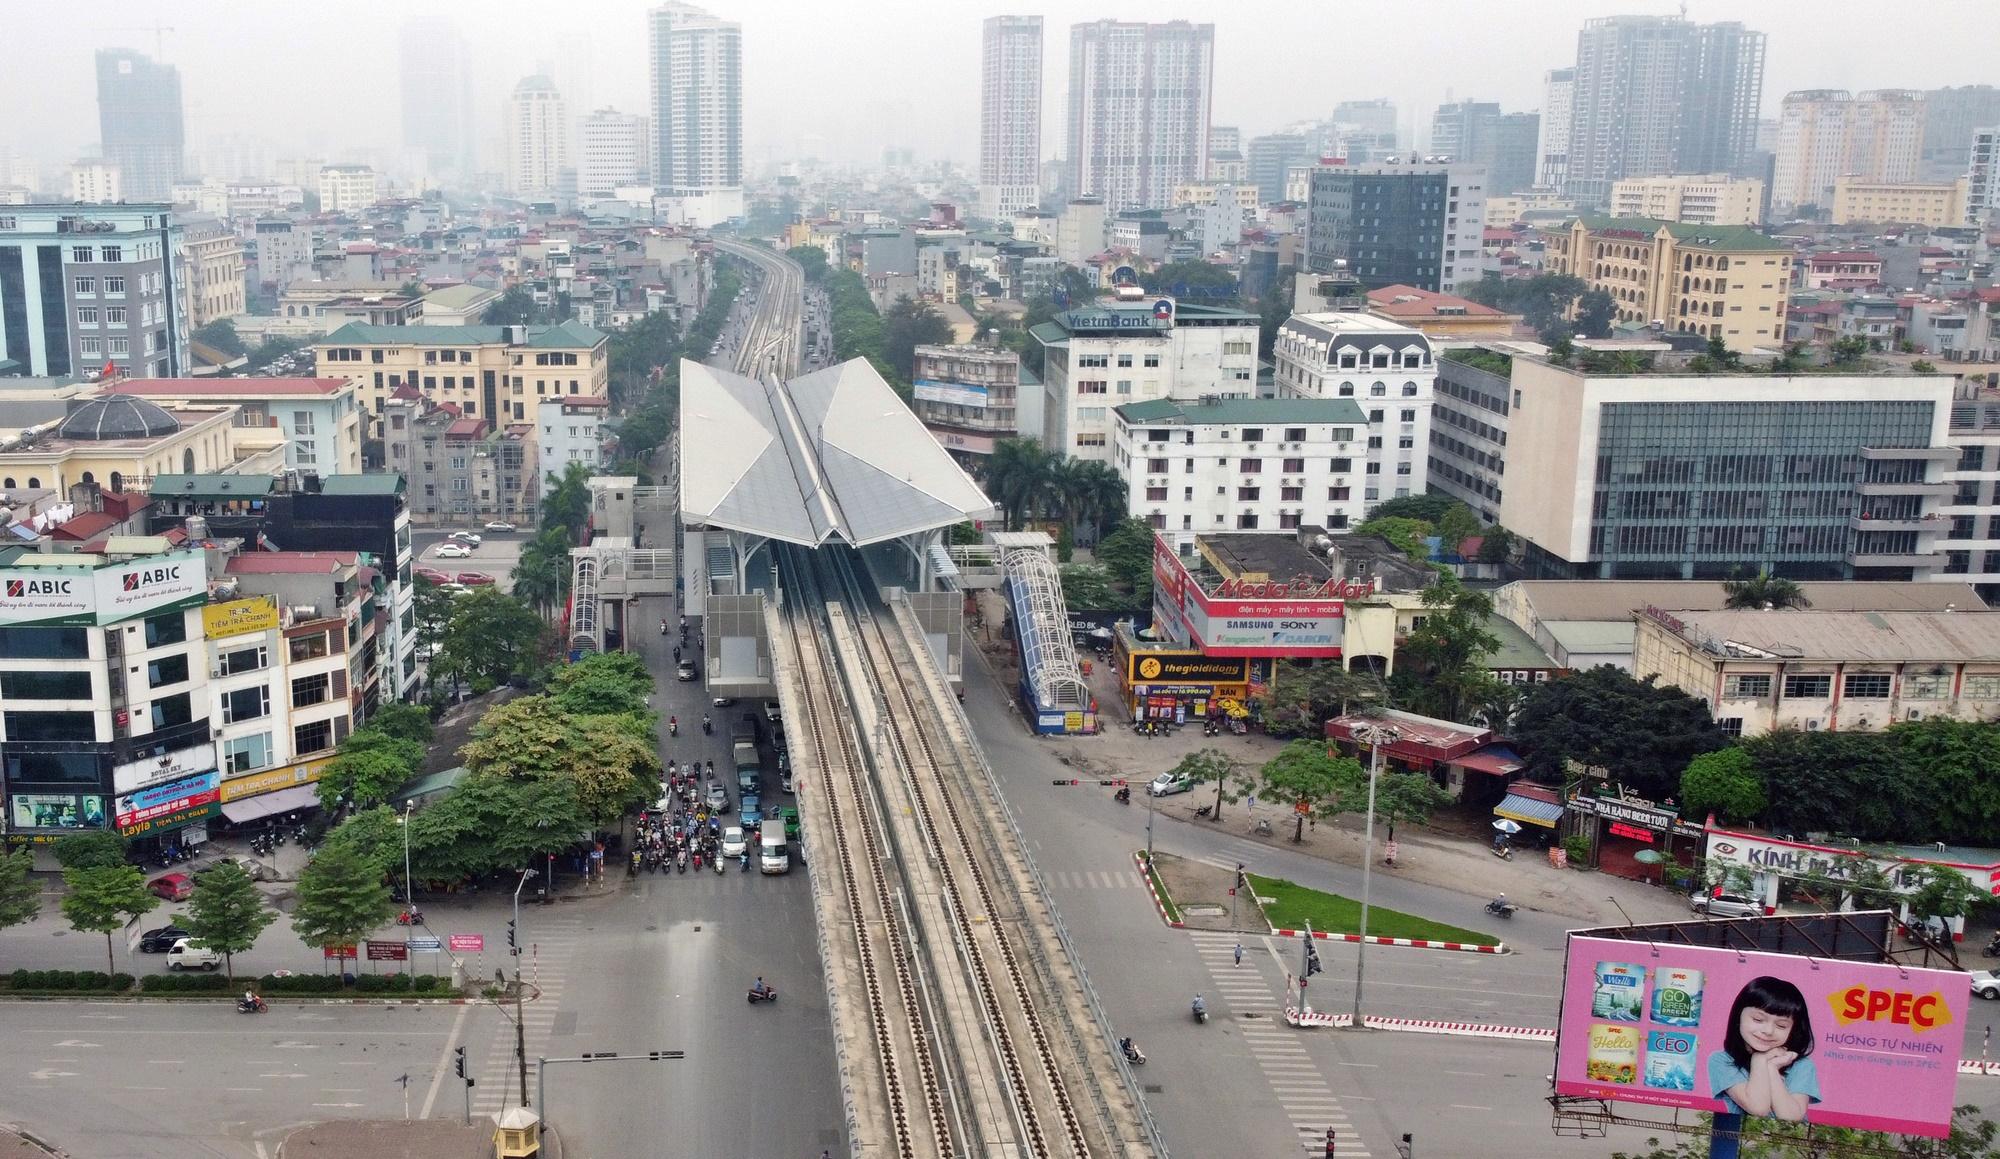 Hình ảnh đường sắt Nhổn - ga Hà Nội khi 'đến hẹn' vận hành đoạn trên cao - Ảnh 7.